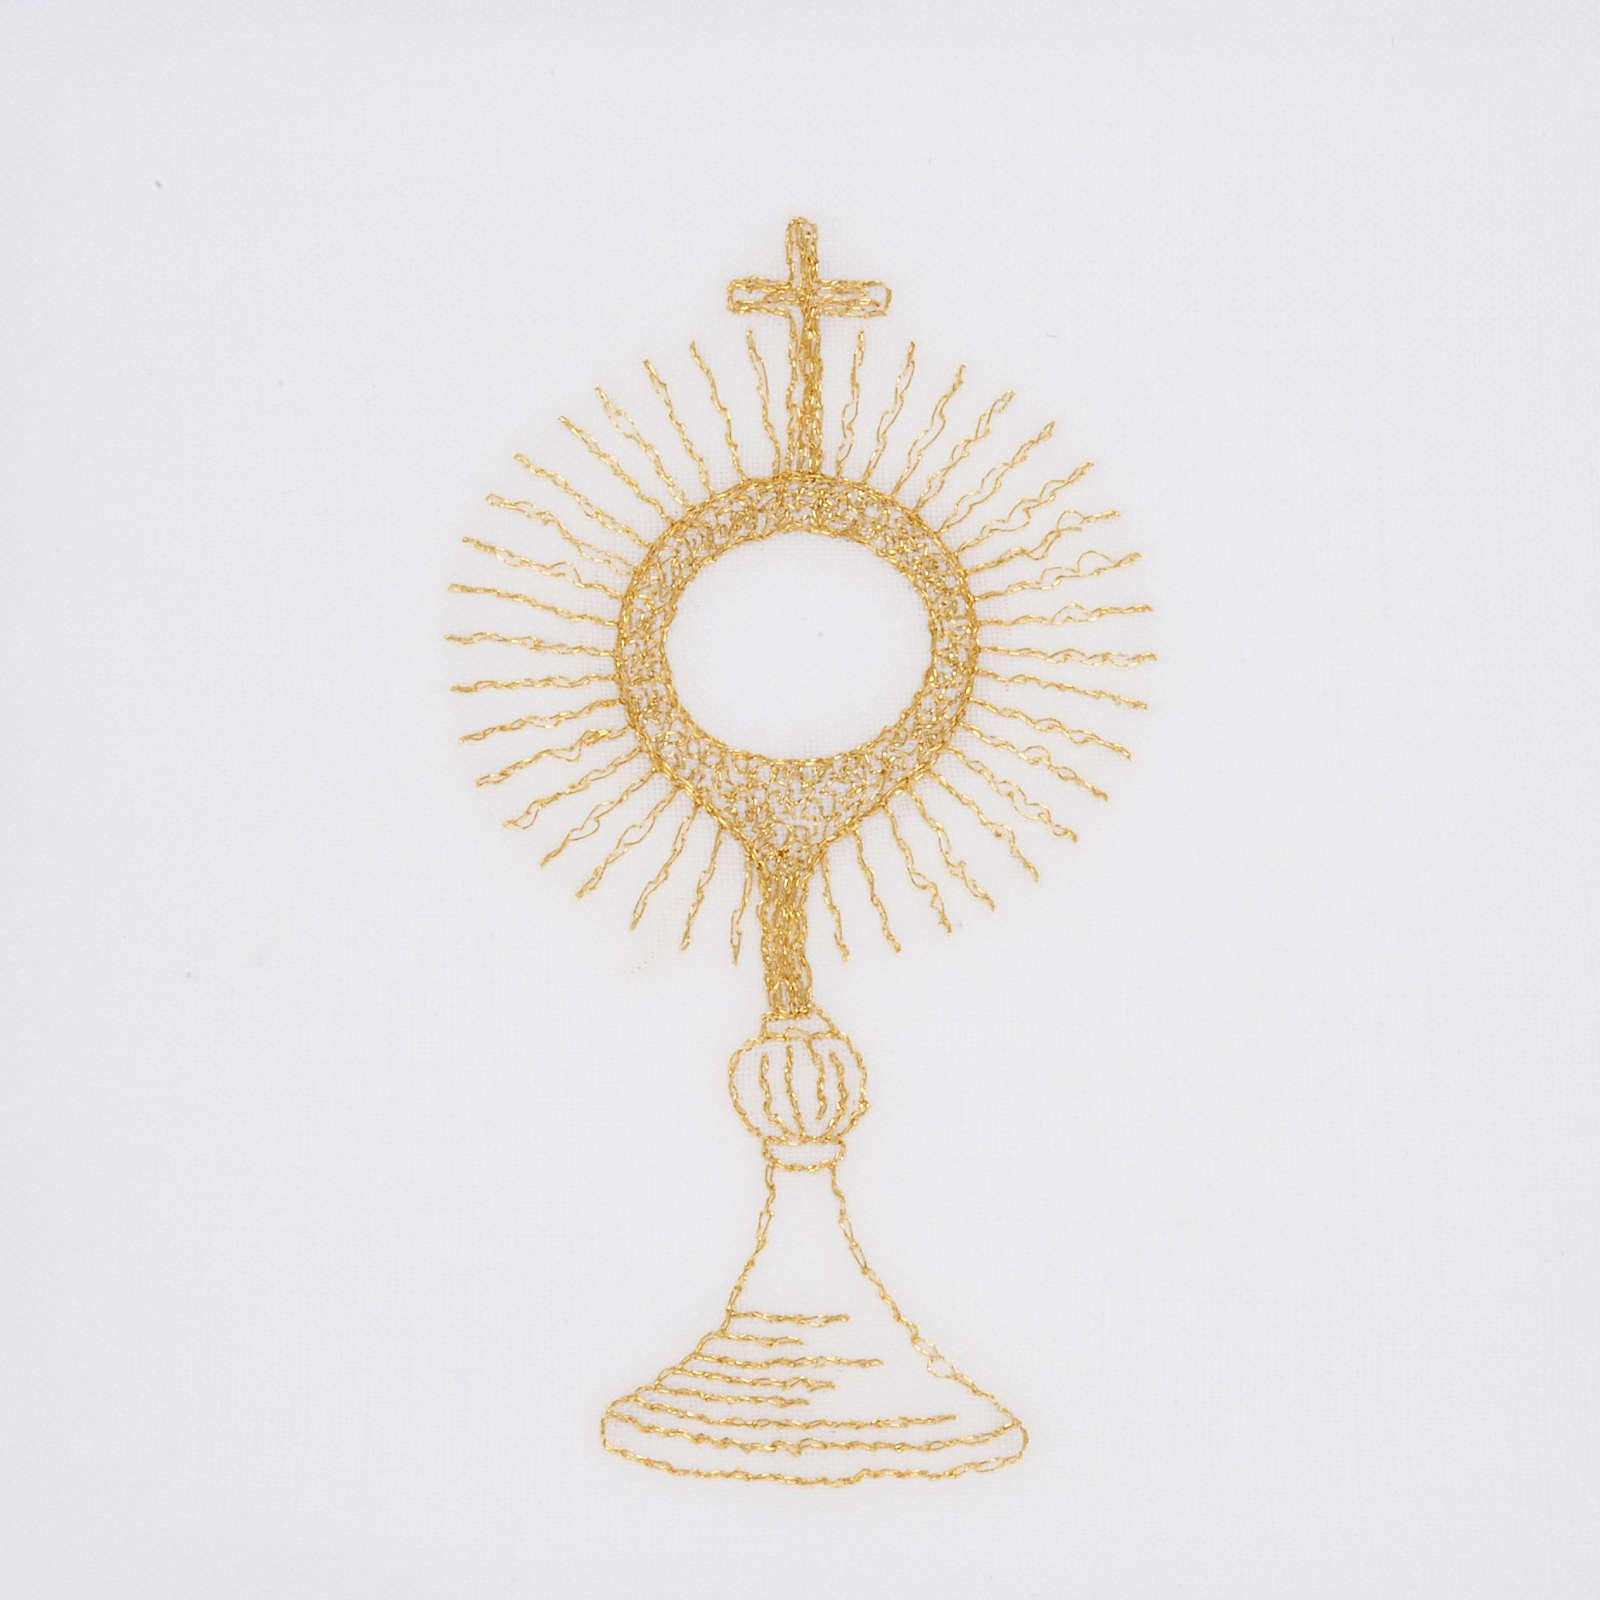 Linge d'autel ostensoir doré 4